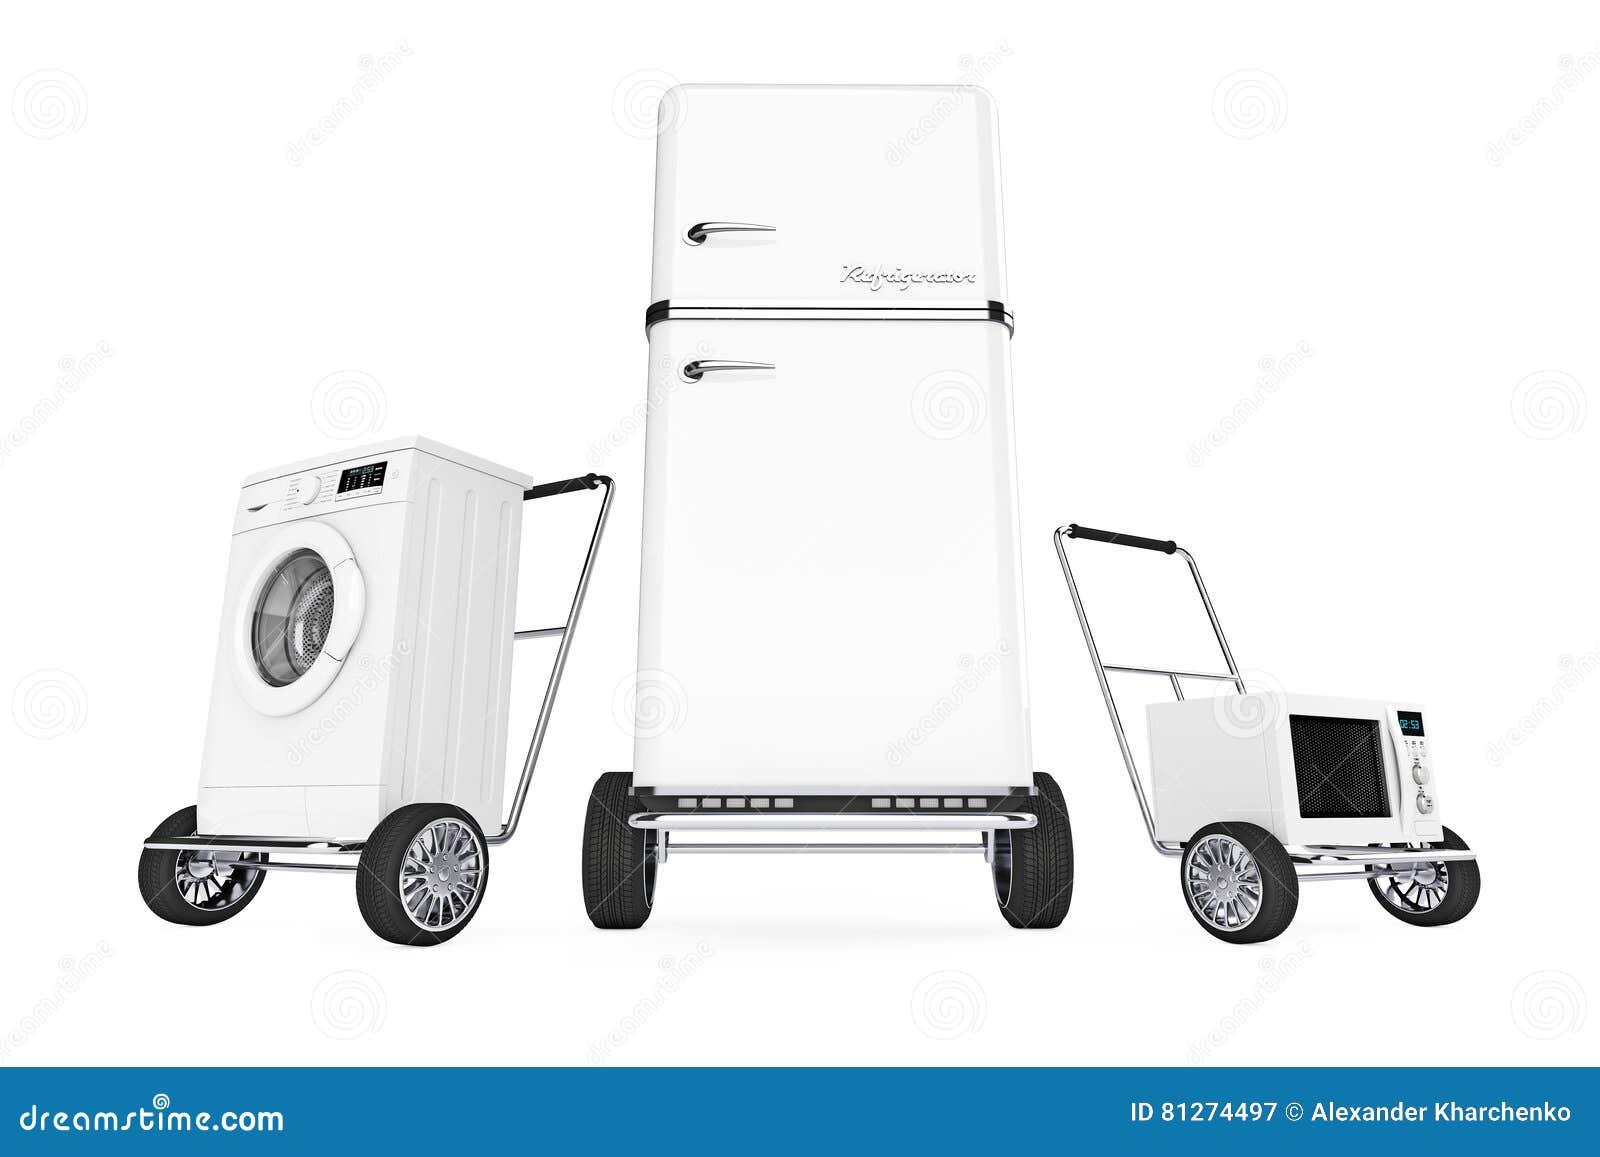 Etagere Dessus Micro Onde réfrigérateur, machine à laver et four à micro-ondes au